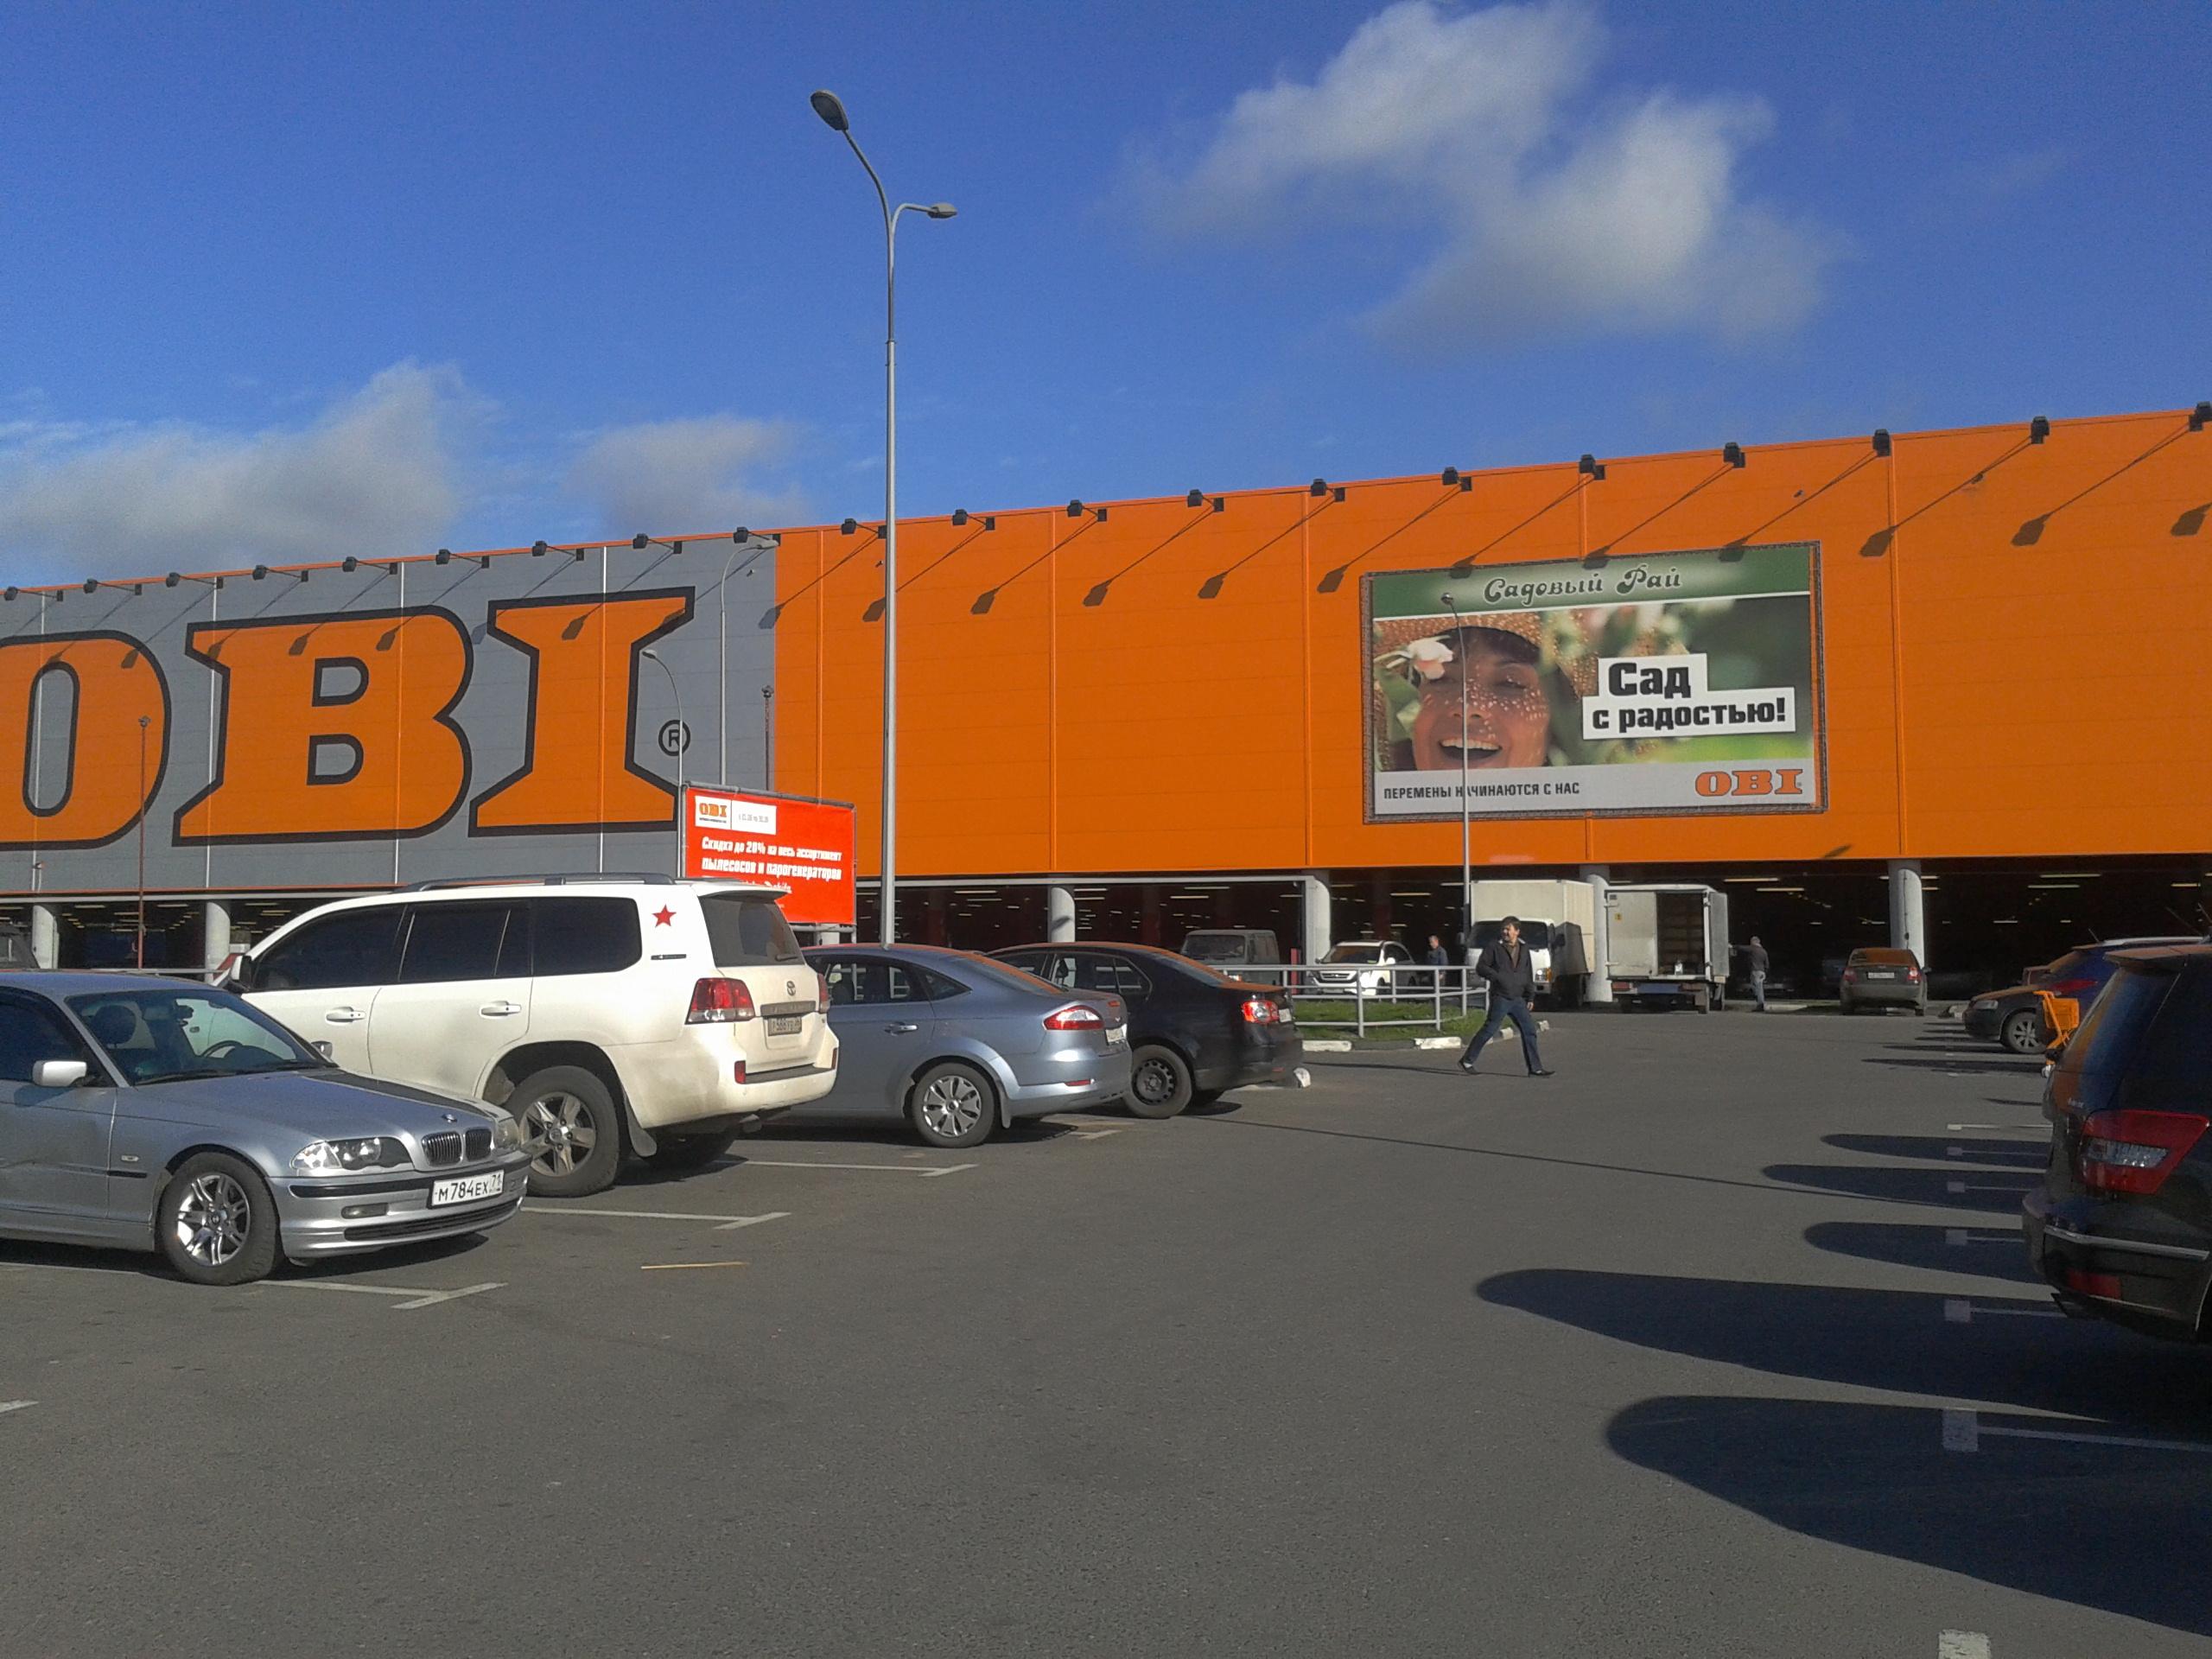 ... «ОБИ» в Котельники | ГдеГород.ру: kotelniki.gdegorod.ru/place/18177793/gipermarket-stroitelnyh-i...